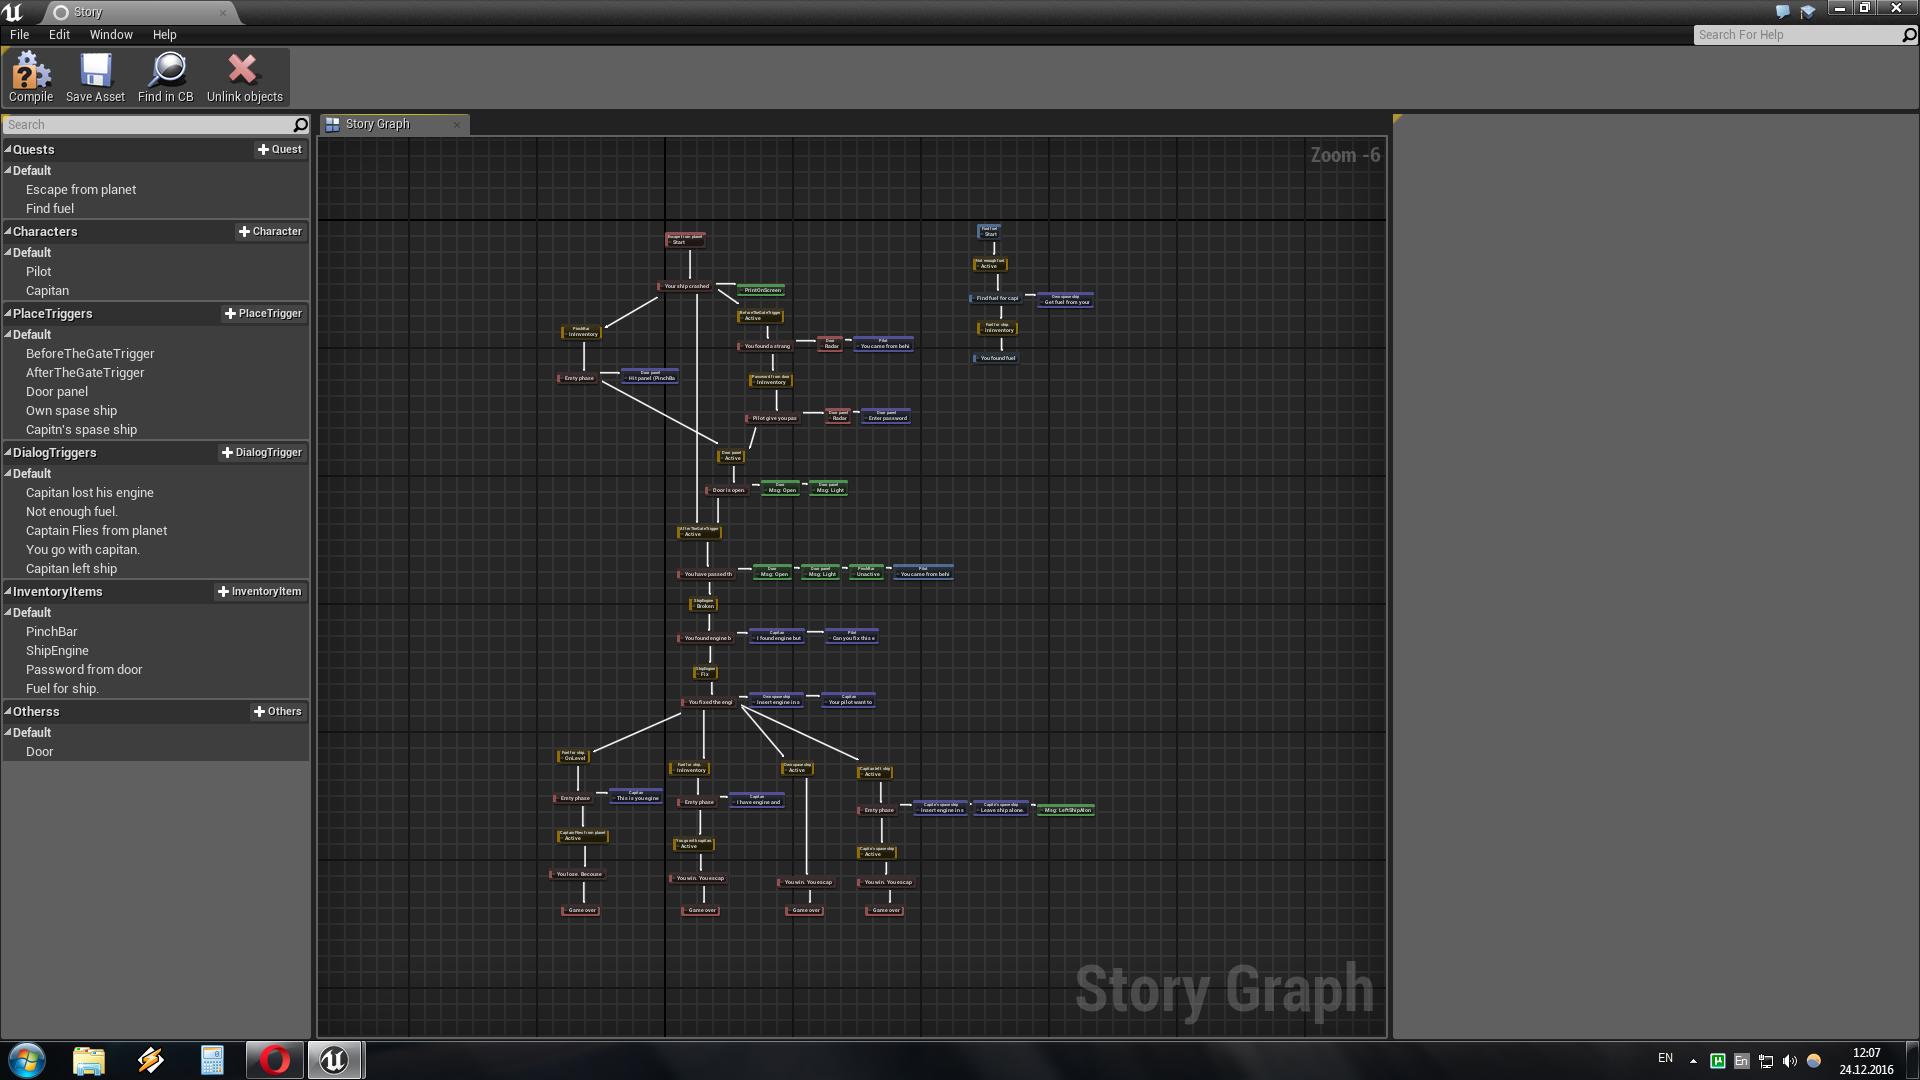 Создание редактора квестов и диалогов для Unreal engine: Часть 2 технические аспекты